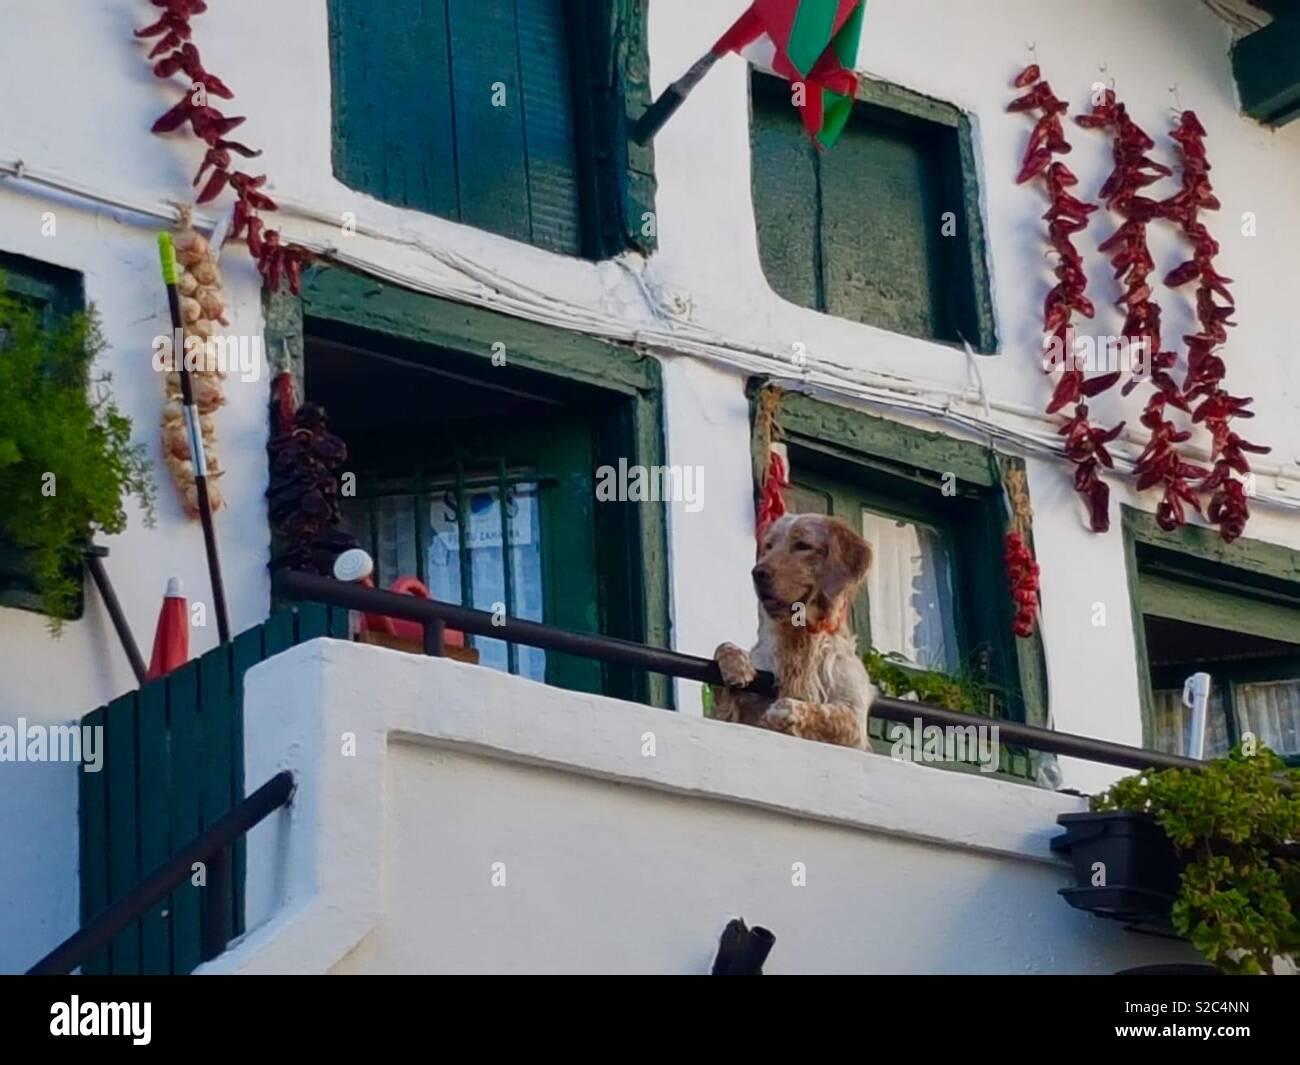 Dog leaning over balcony - Stock Image